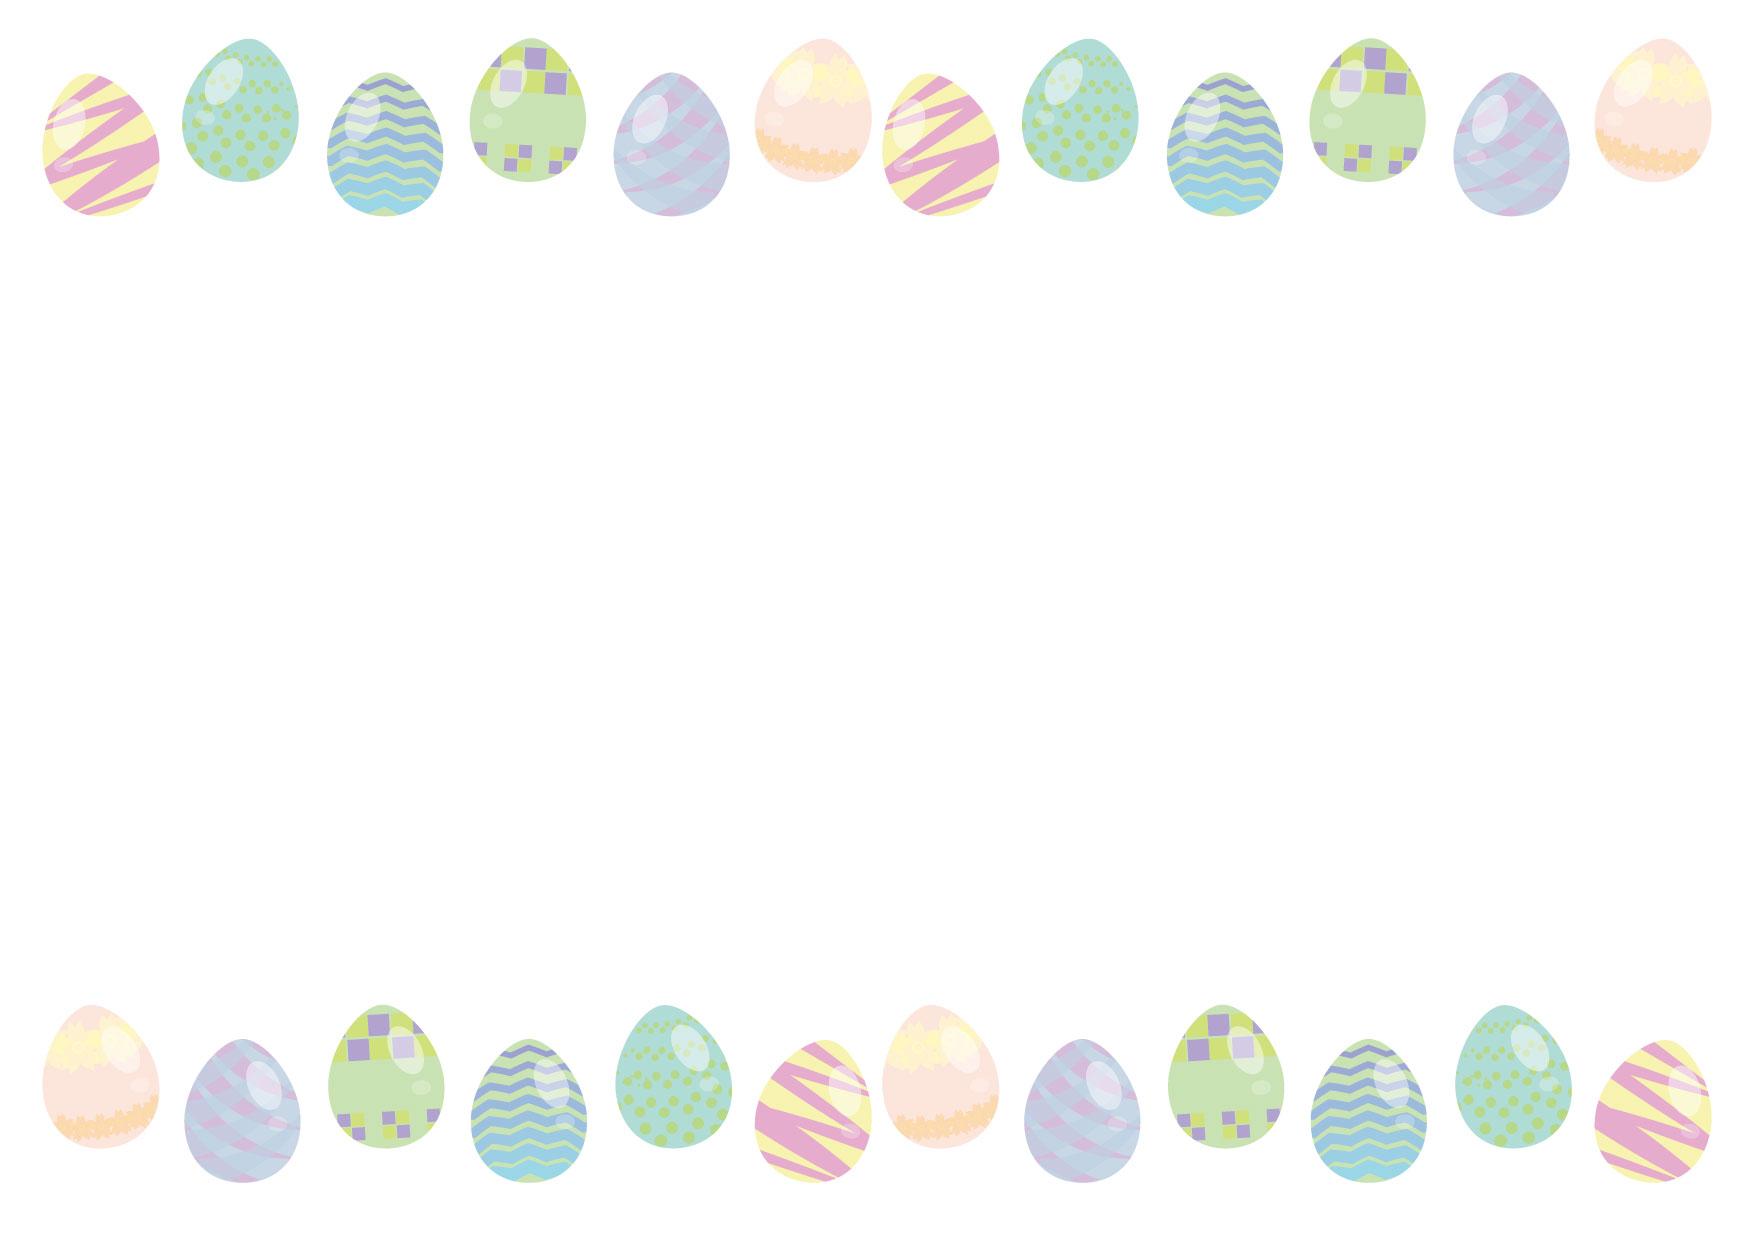 可愛いイラスト無料|イースターエッグ 背景 − free illustration Easter egg background